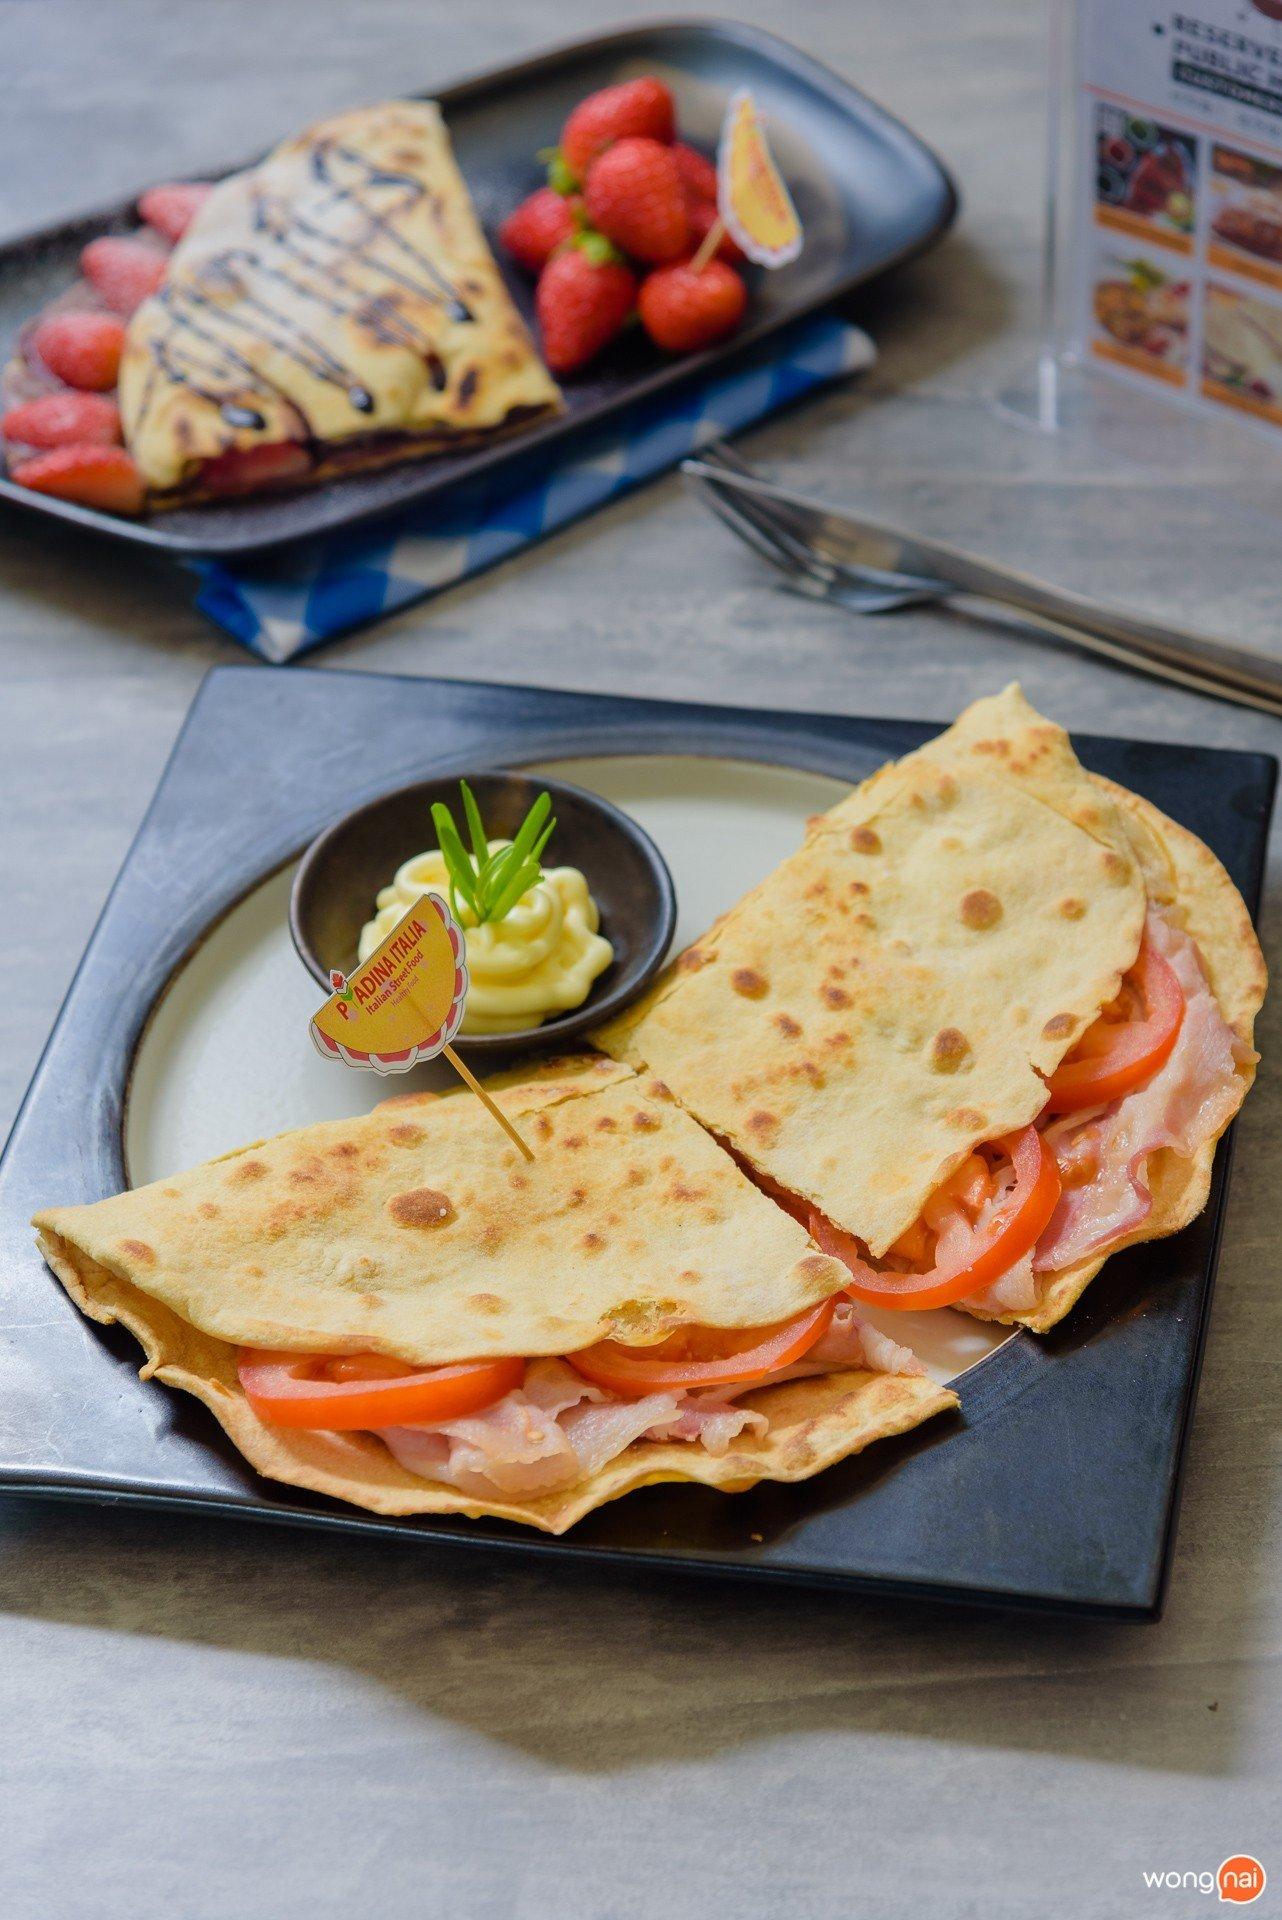 """เมนู """"Pancetta + Scamorza (Cheese) + Tomato"""" ของร้าน Piadina ในโซน Public House ของห้าง Central Festival Phuket"""